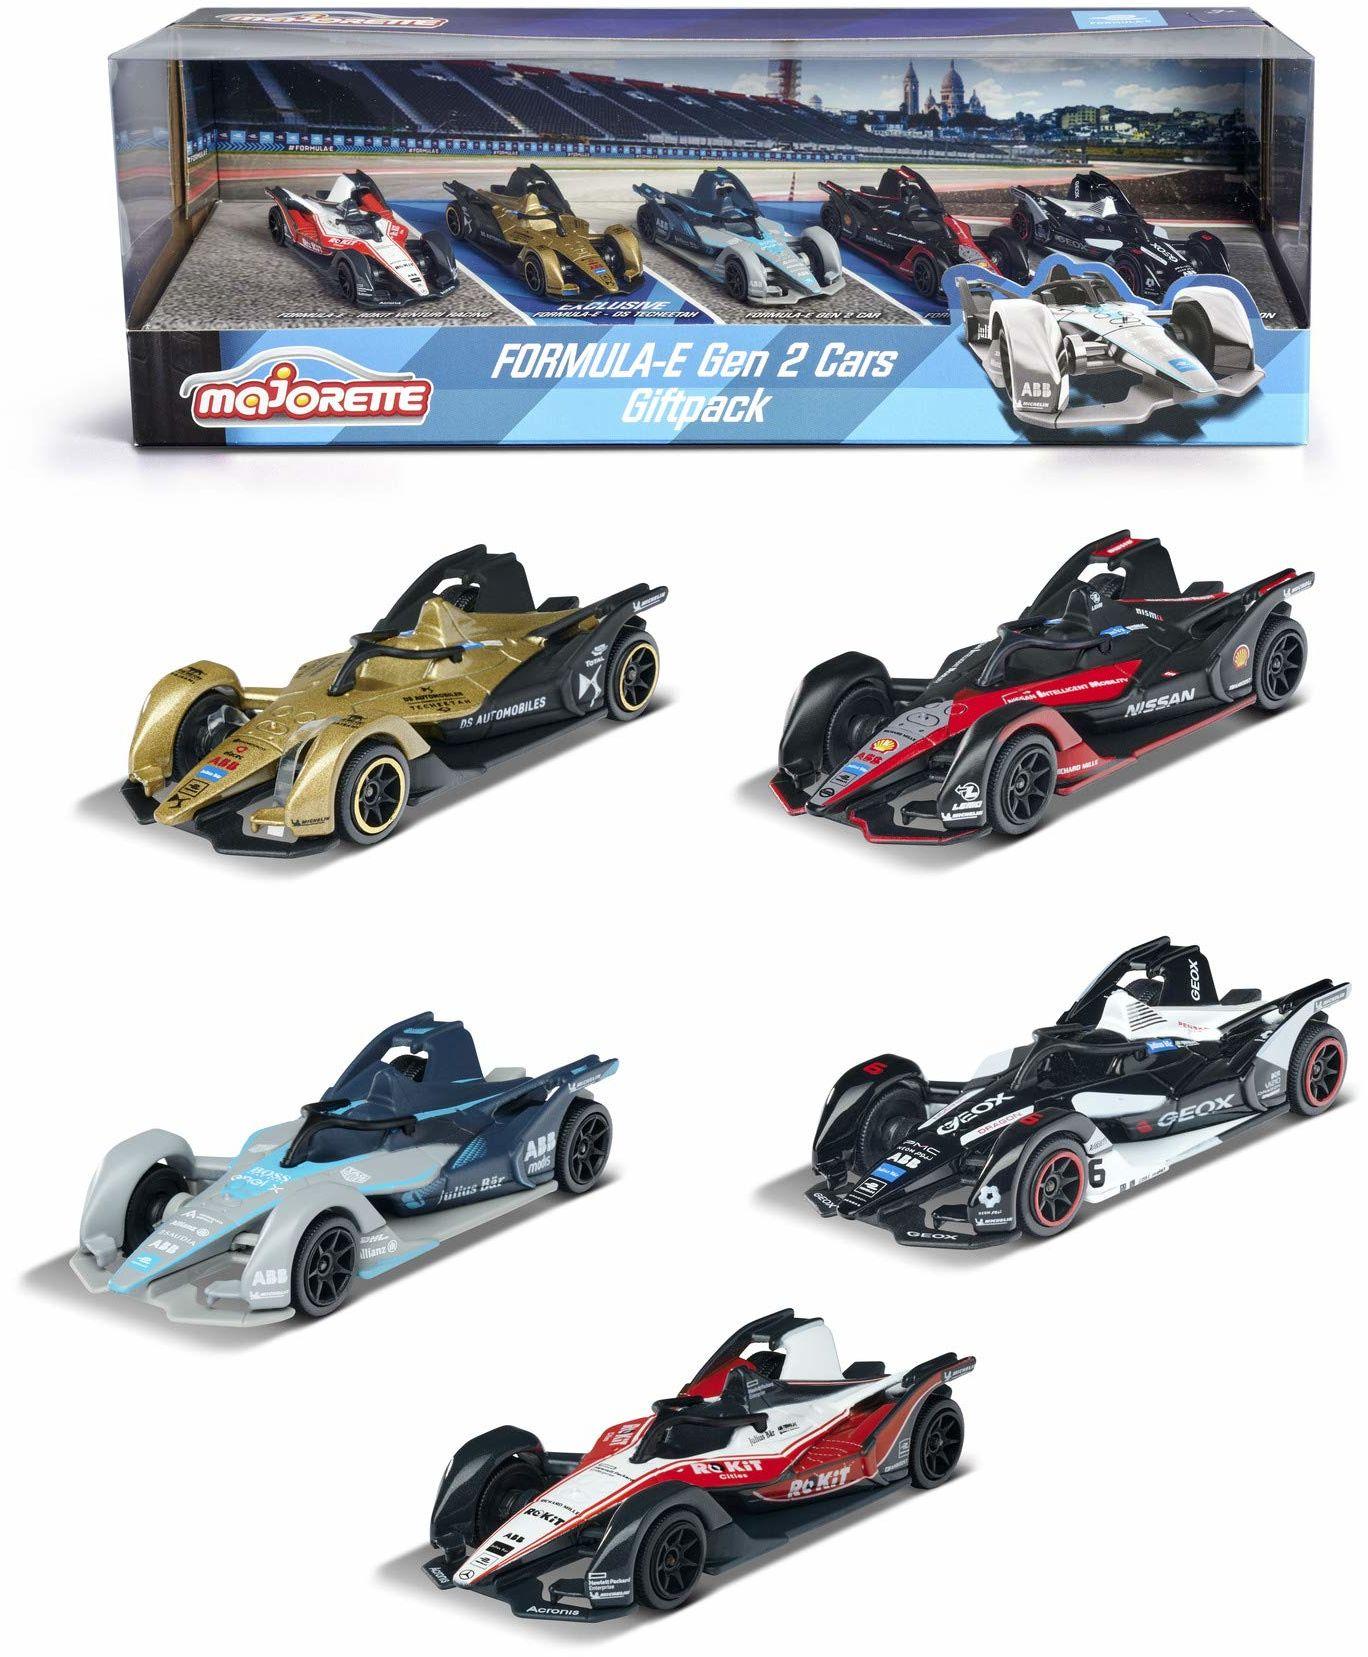 Majorette Formula E GEN2 Car, zestaw 5 sztuk w opakowaniu na prezent, samochody wyścigowe, samochody zabawkowe, samochód sportowy, opony gumowe, 2 ekskluzywne samochody, skala 1:64, 7,5 cm, od 3 lat